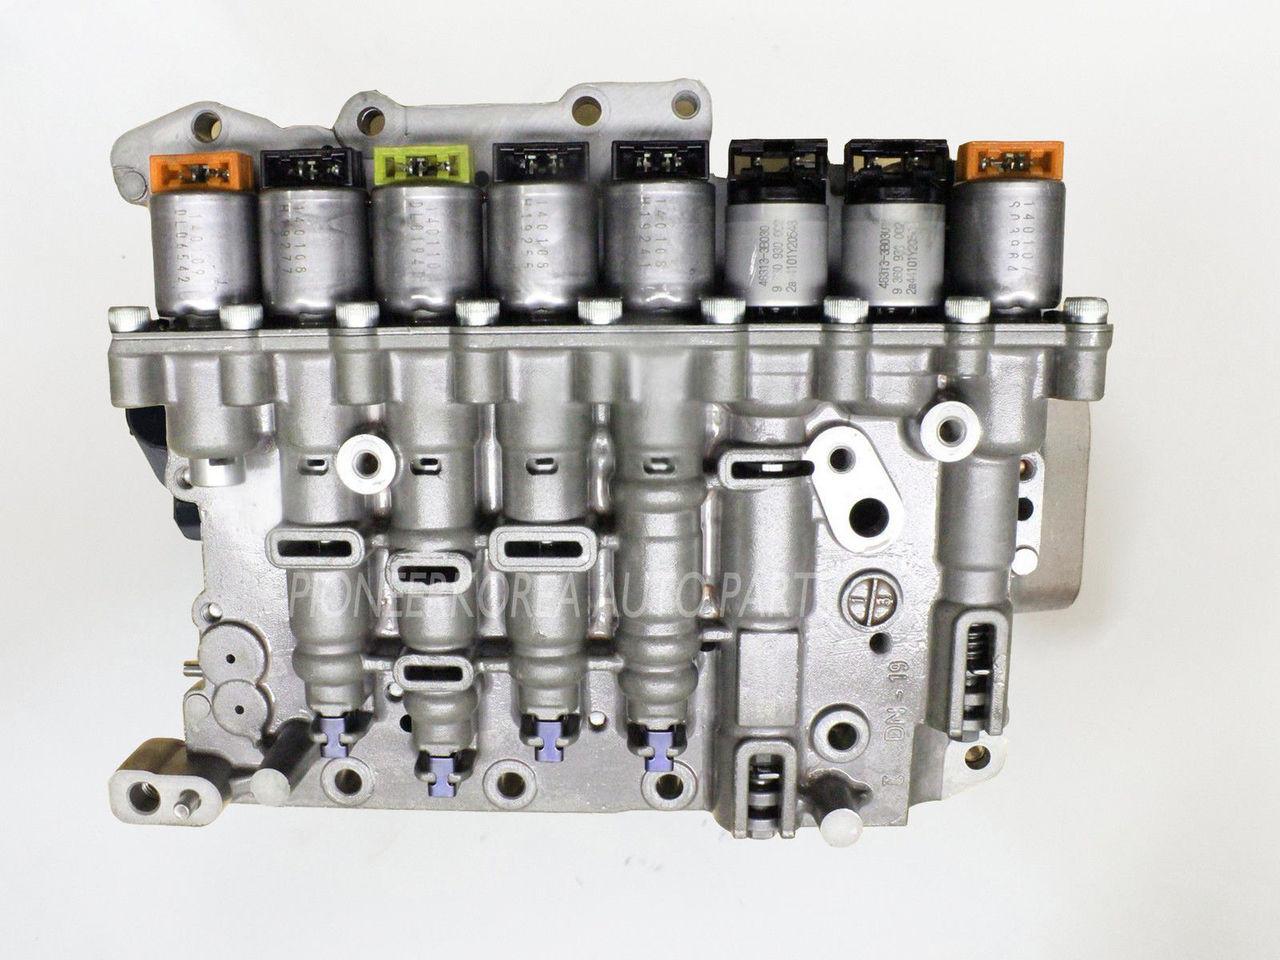 valve body 4621023020 for kia rio soul hyundai elantra i20 i30 accent saturn vue valve body valve body hyundai elantra #6